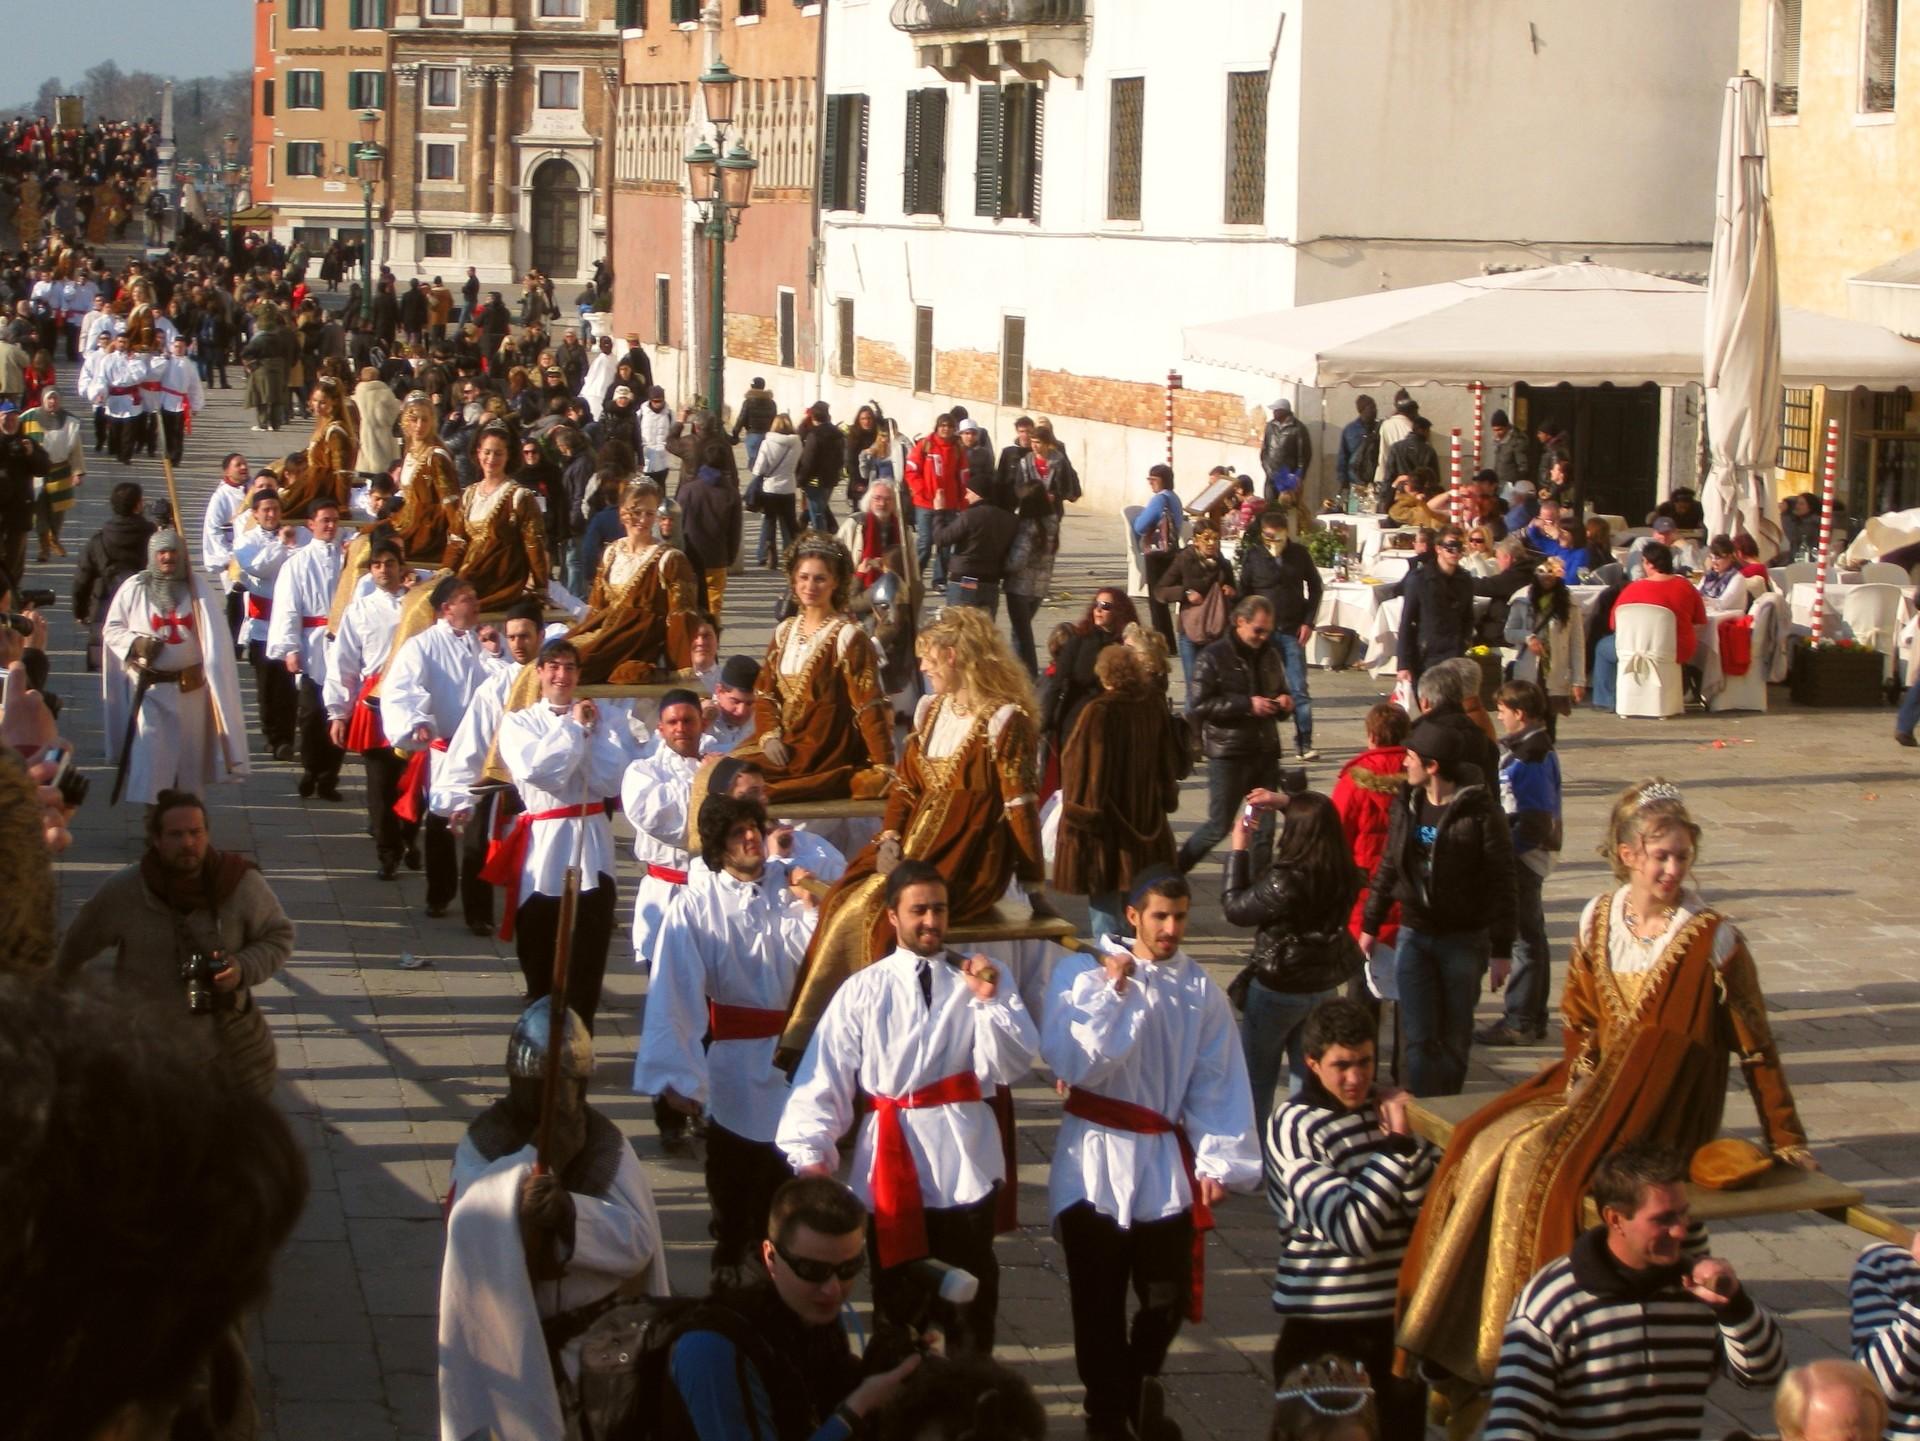 carnevale-veneziano-tutto-ce-sapere-c870